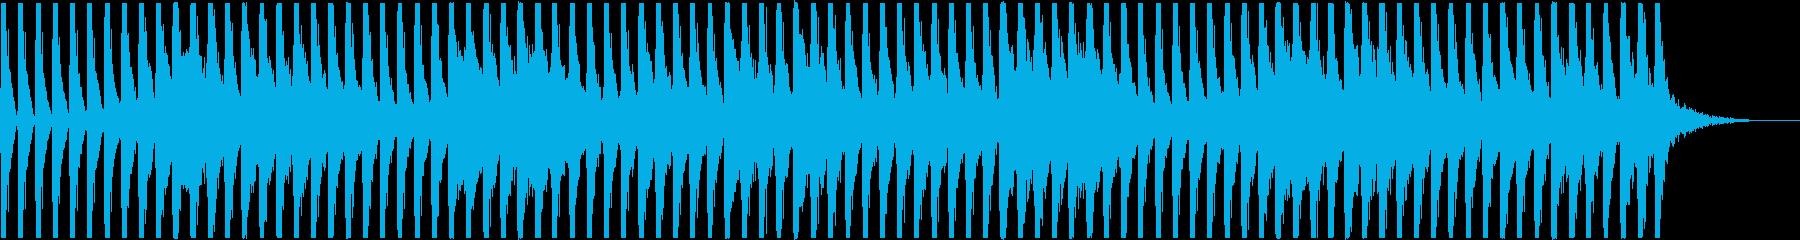 不思議な四つ打ち-Aの再生済みの波形